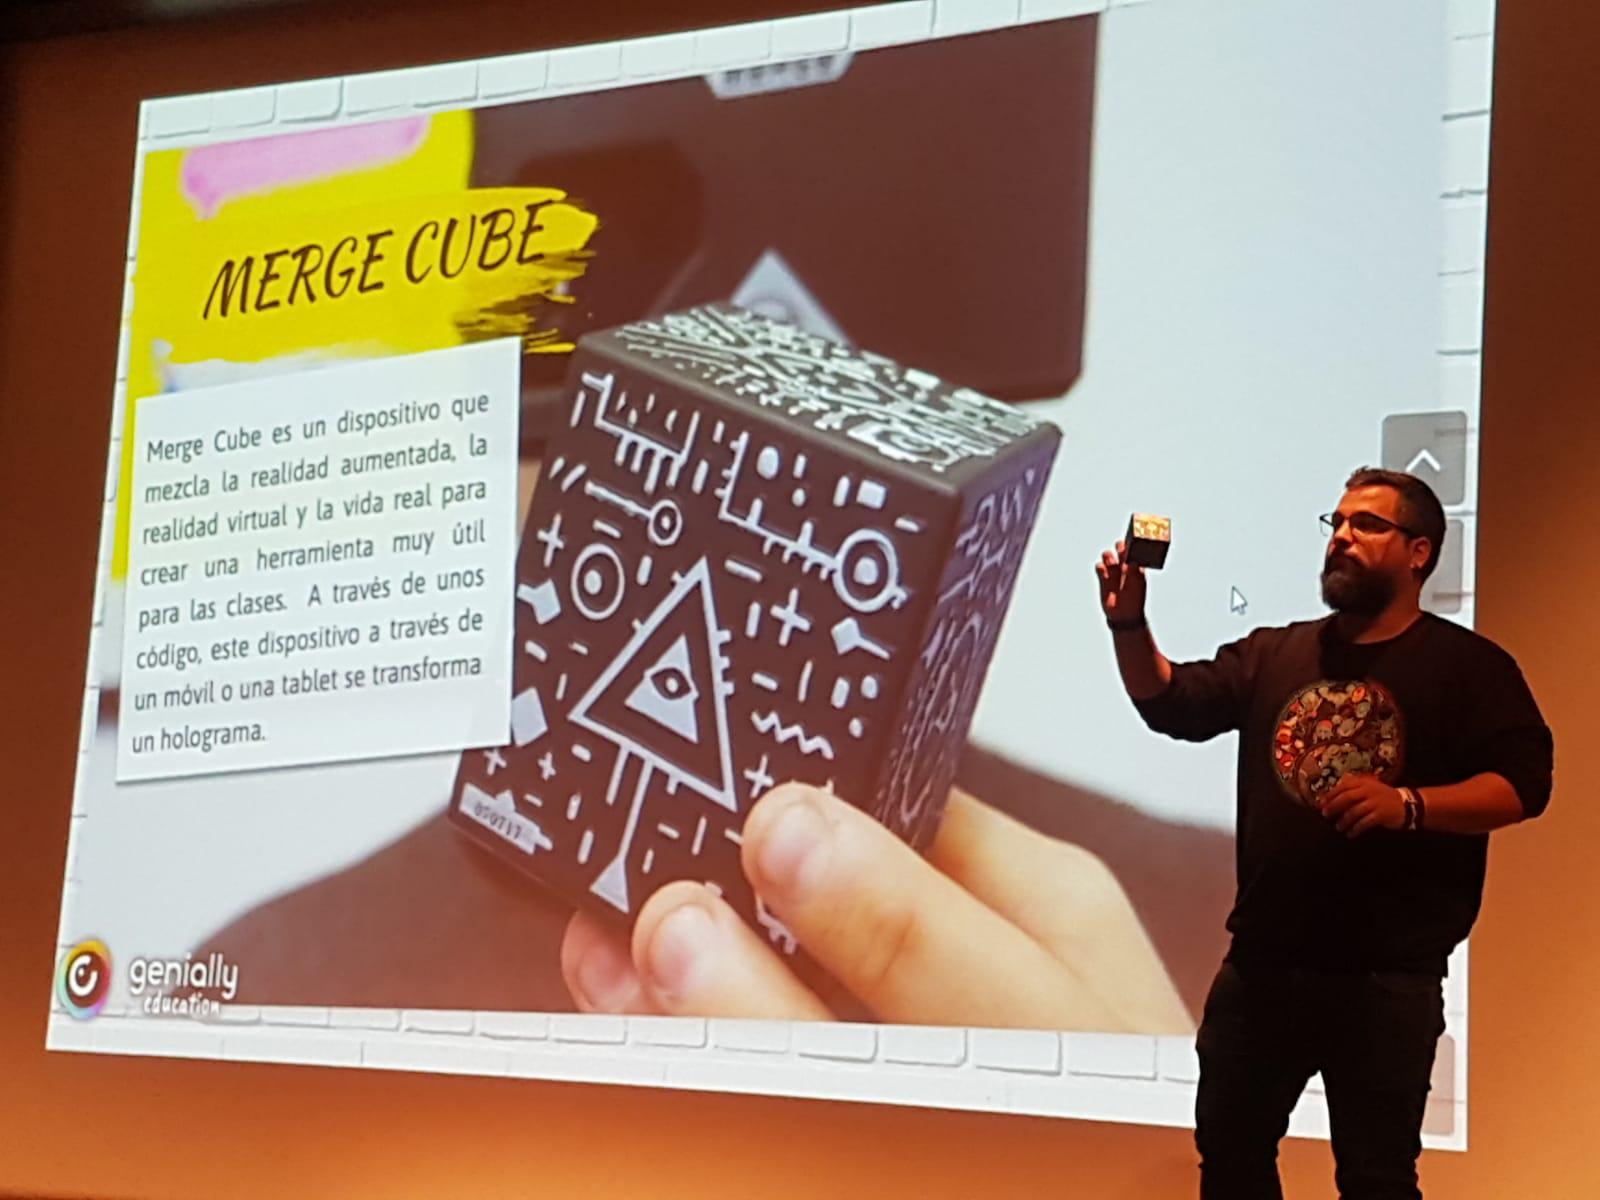 """Nuestra herramienta: el """"Merge Cube""""."""